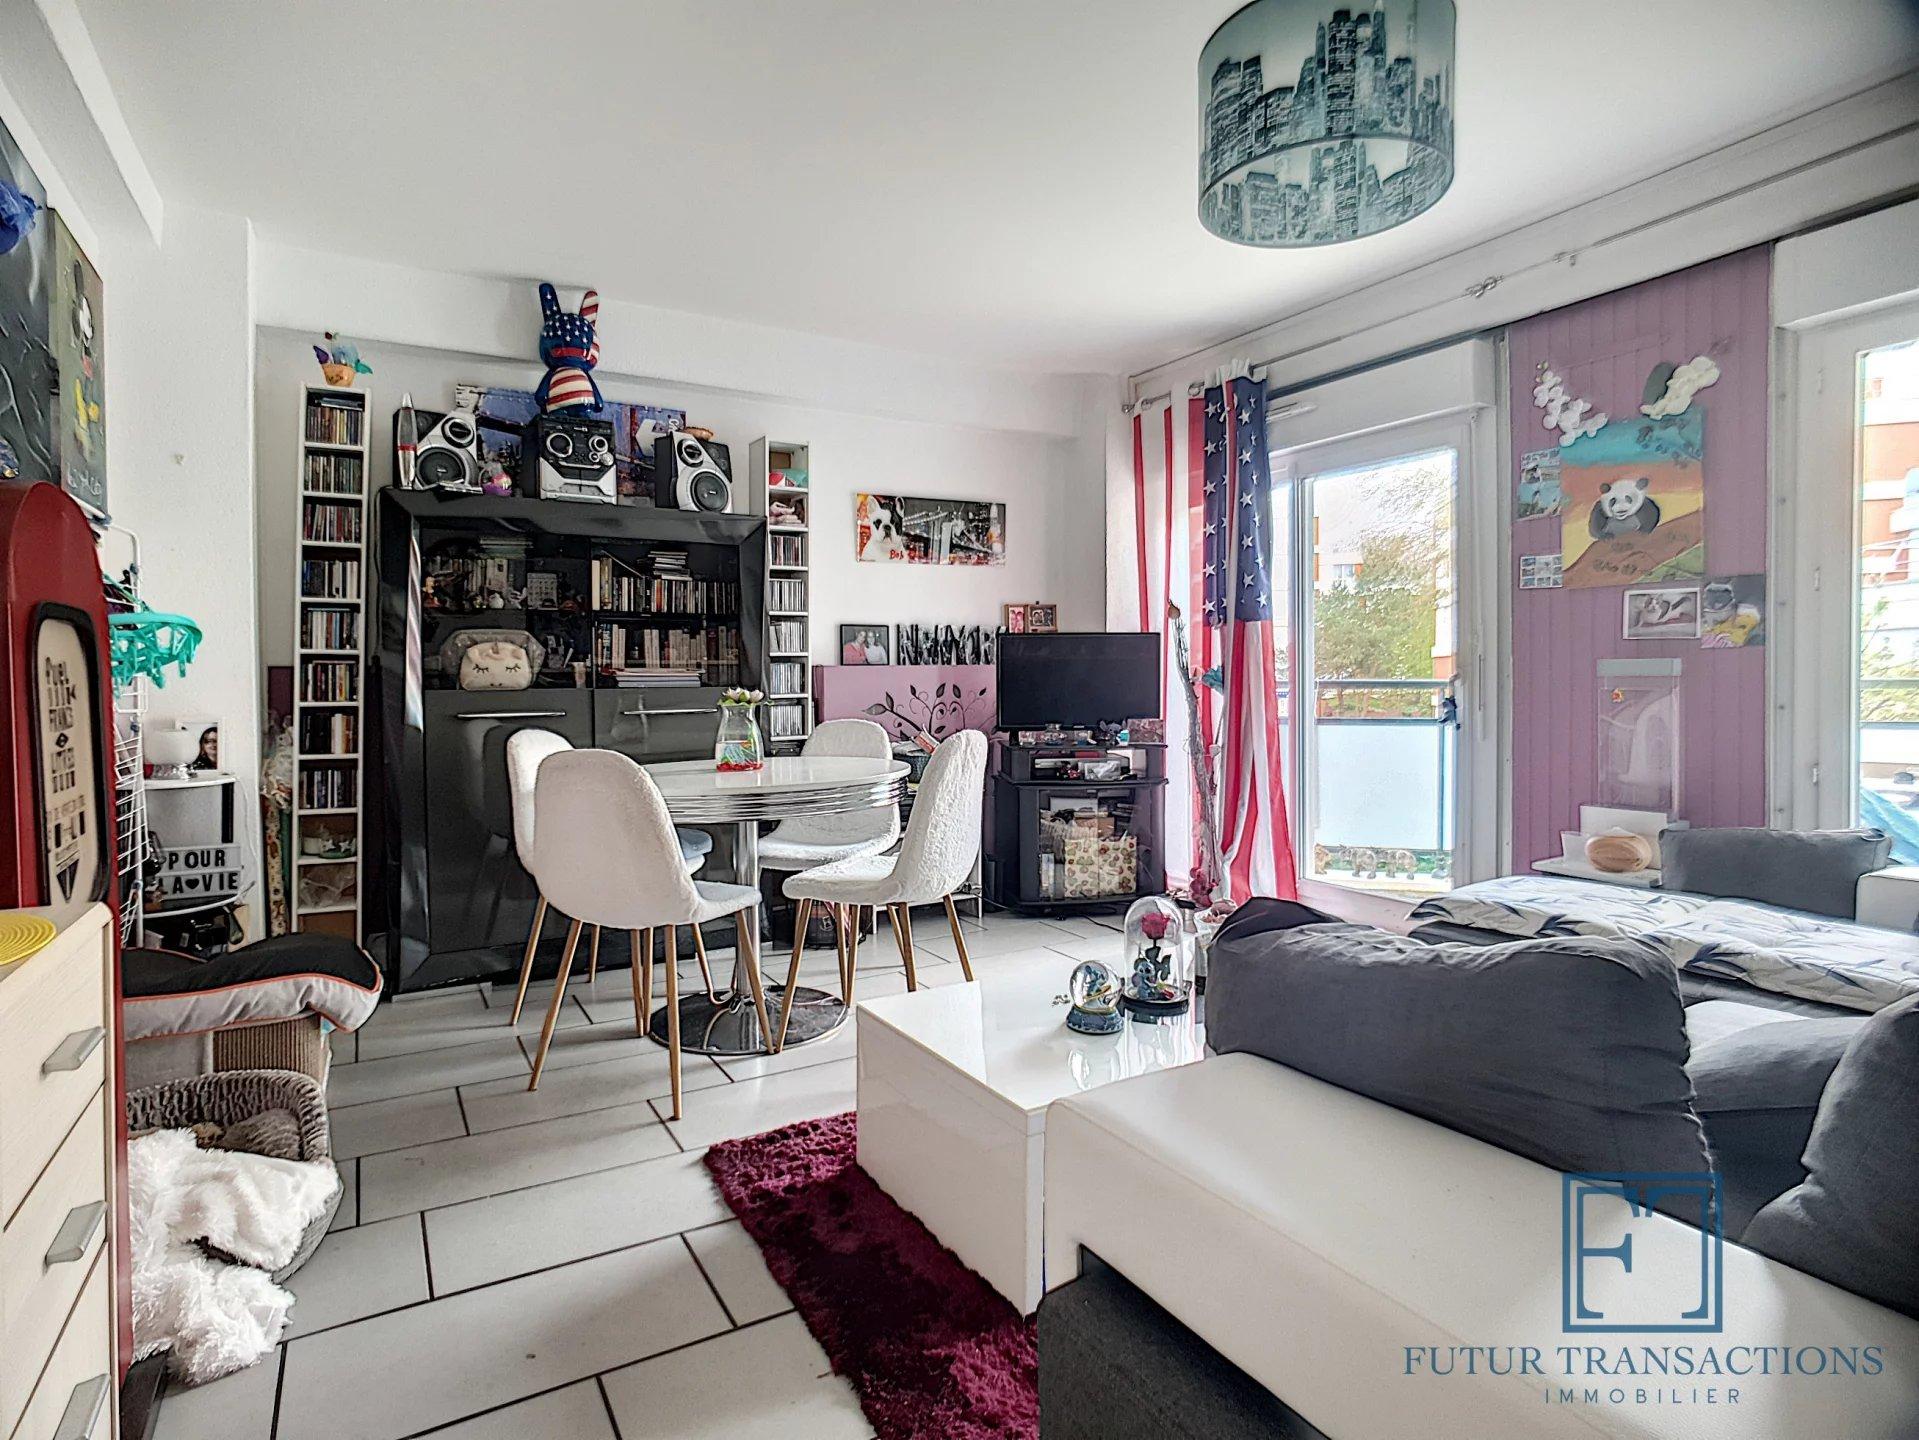 Appartement 3P_65m2 avec terrasse.Excellent état